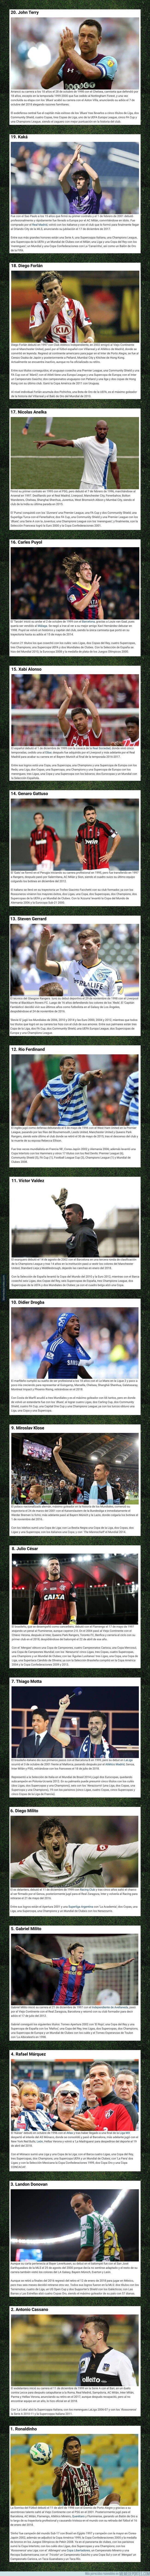 1096923 - 20 futbolistas 'top' a los que Gianluigi Buffon vio debutar y retirarse